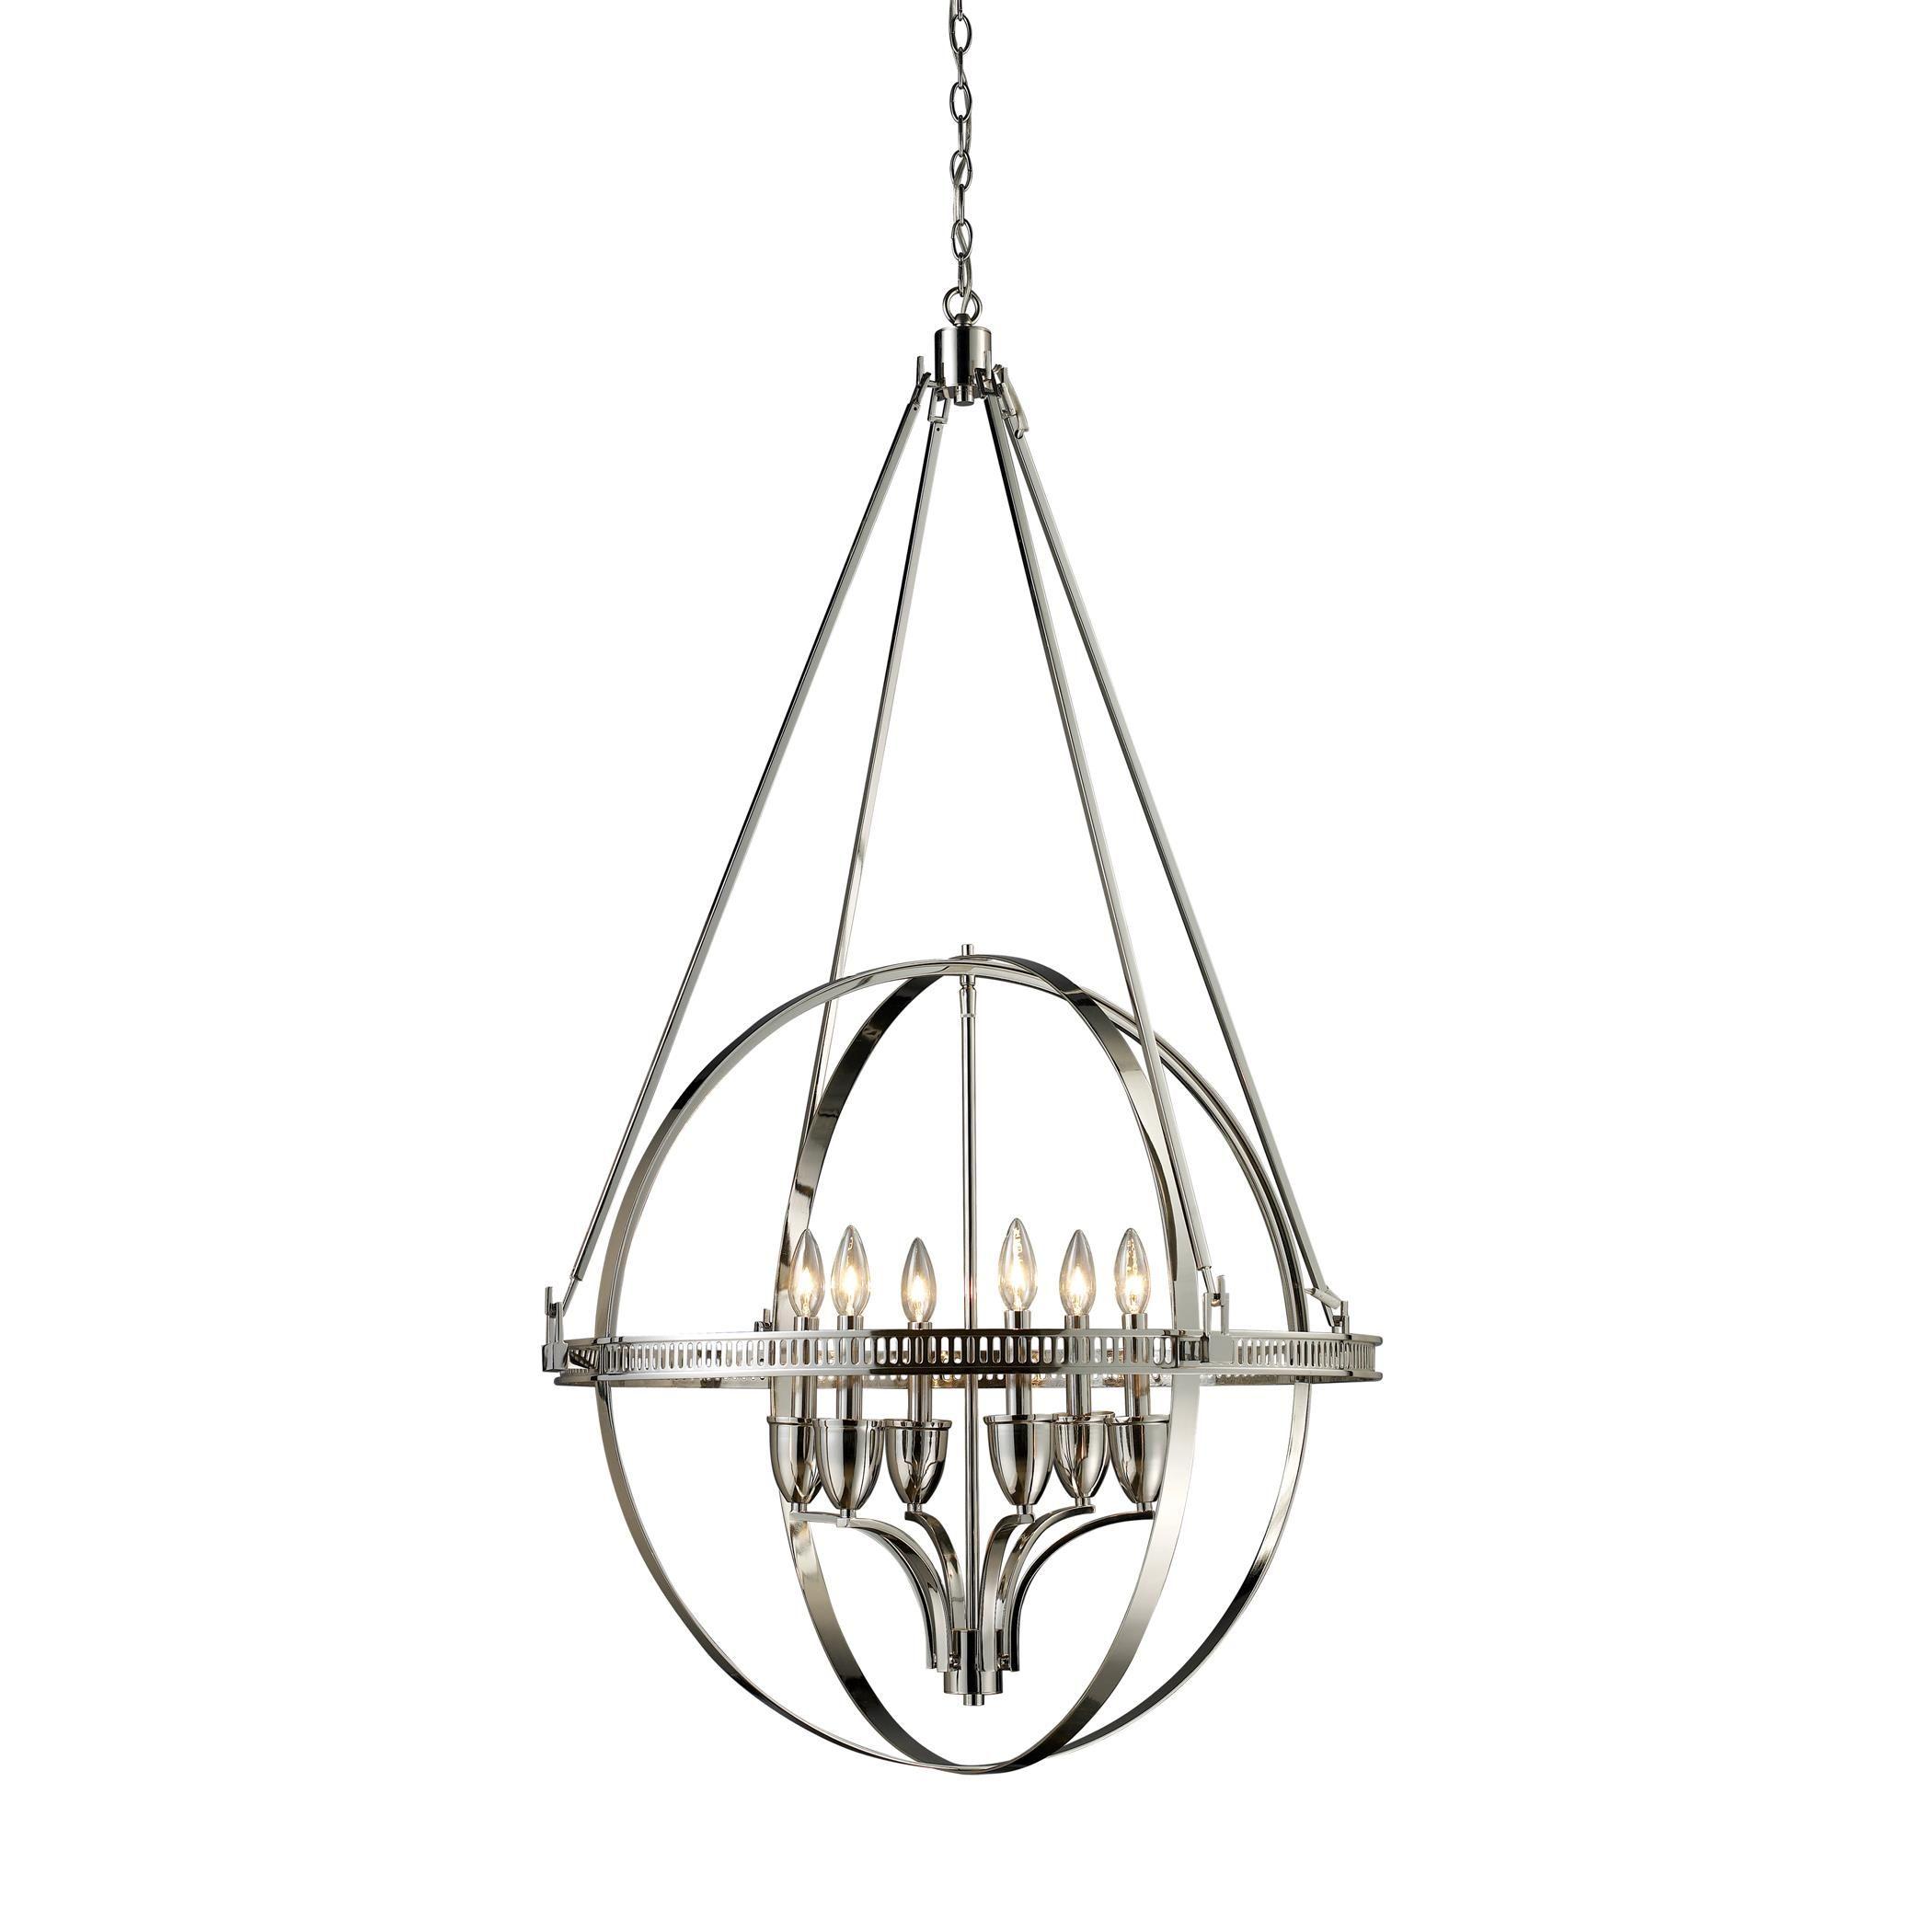 buy the elk lighting 10193  6 large chandeliers at